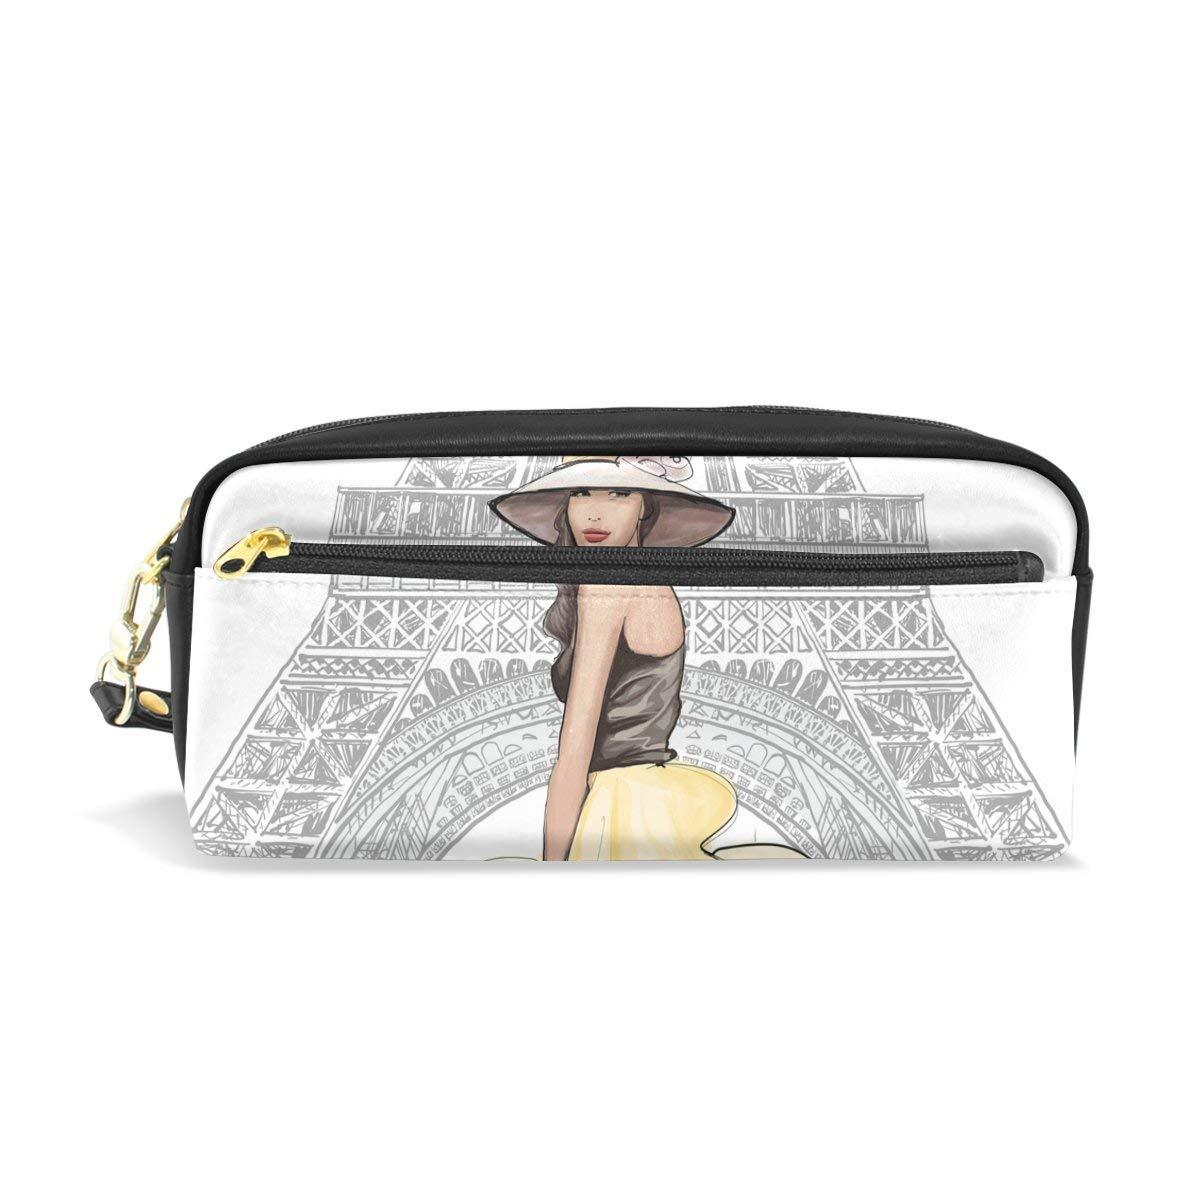 Naanle Fashion Eiffel Tower Girl Model Romantic Paris Women Makeup Bag  School Student Pencil Case Electronics 9ce1e838f0059